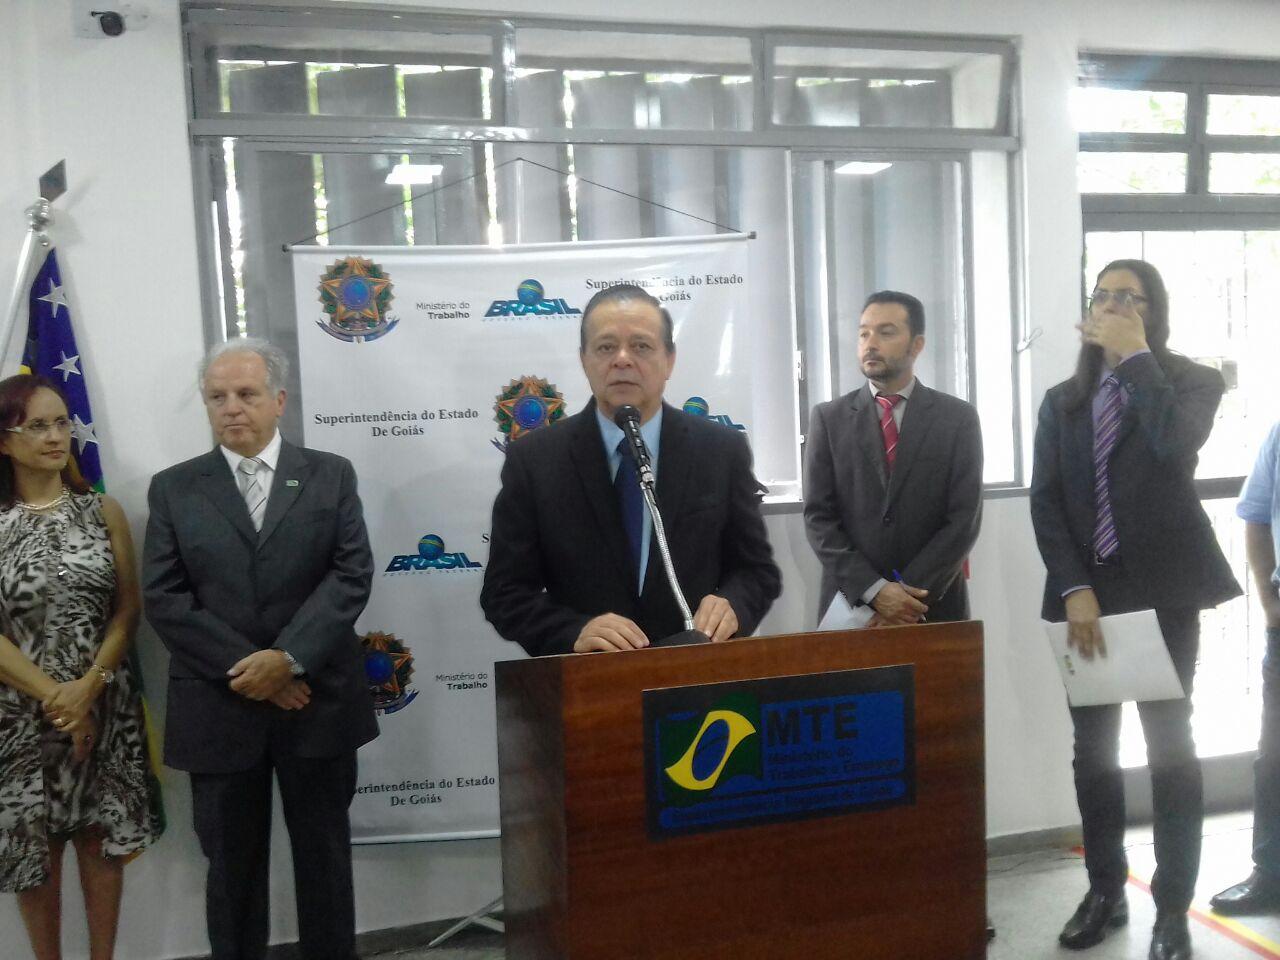 Jovair Arantes refuta ideia de se tornar ministro e diz estar focado na Presidência da Câmara